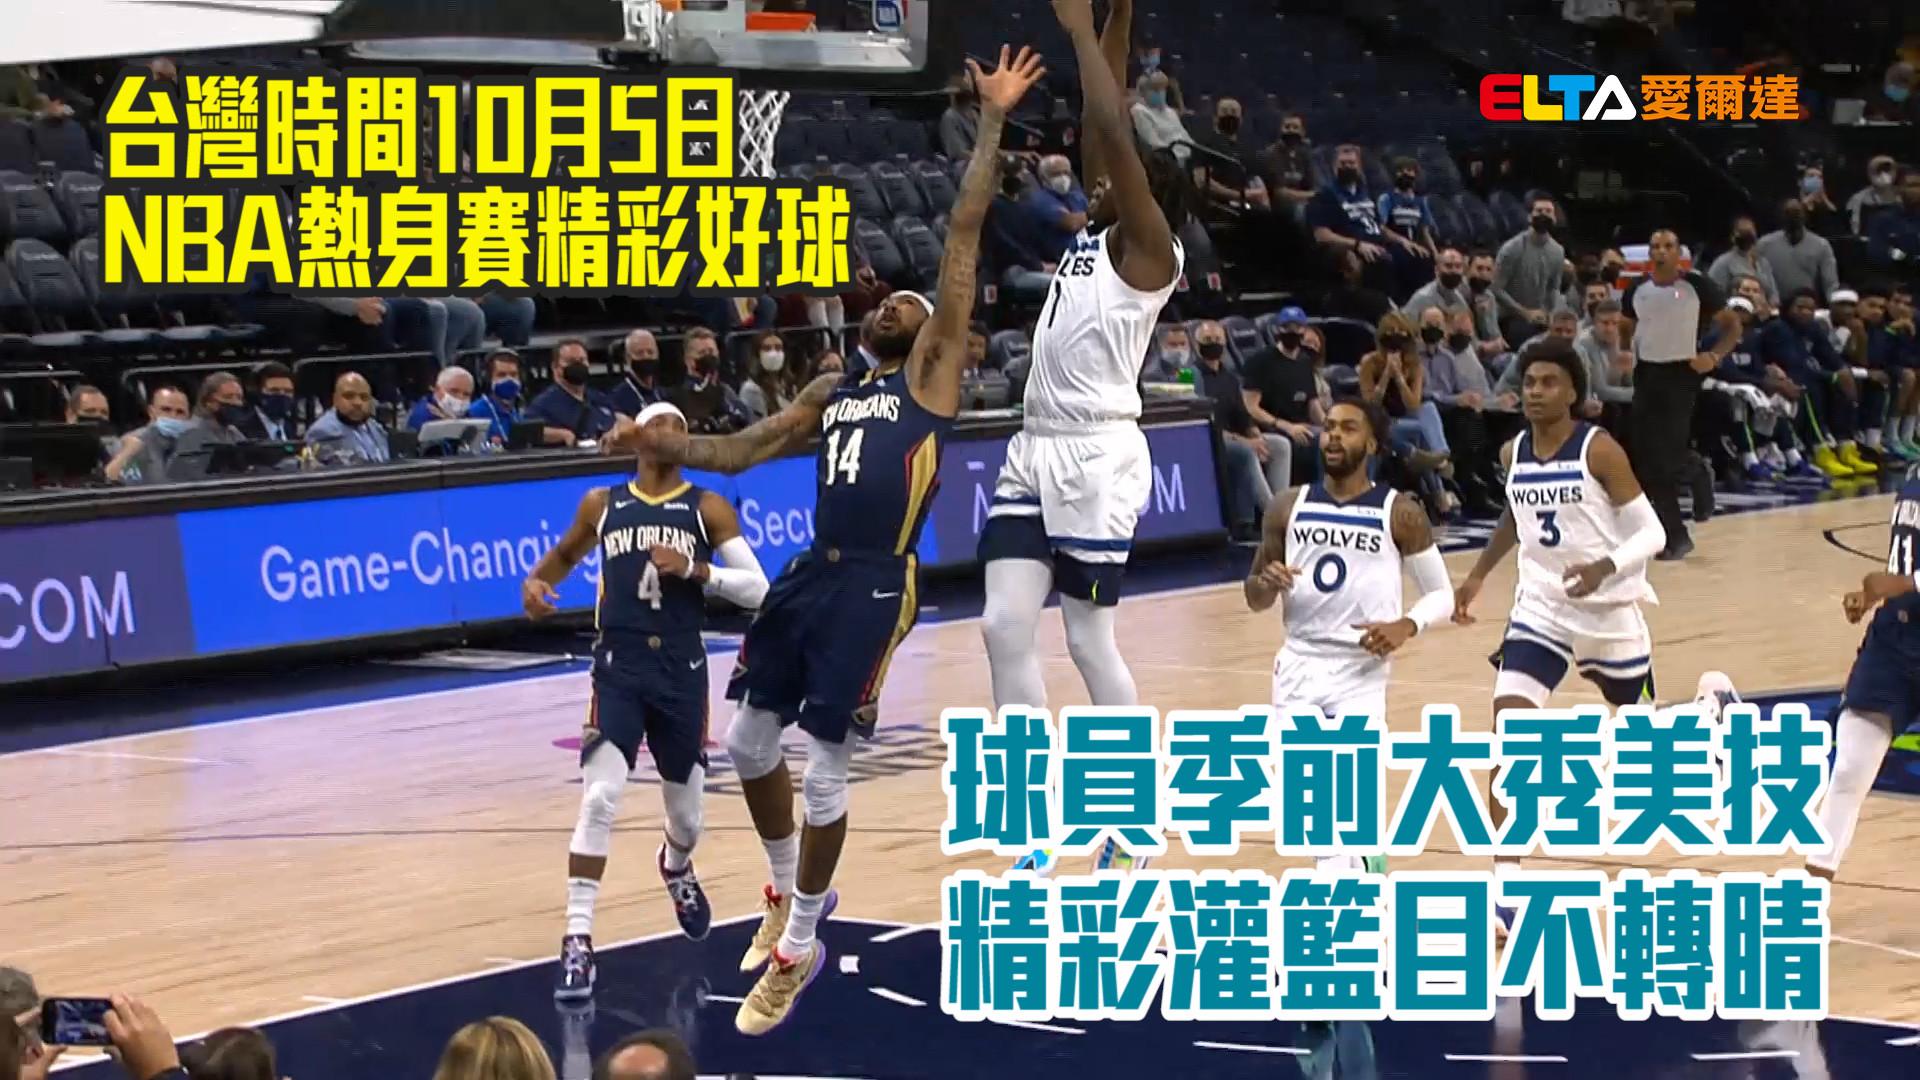 台灣時間10月5日 NBA熱身賽精彩好球 10/05